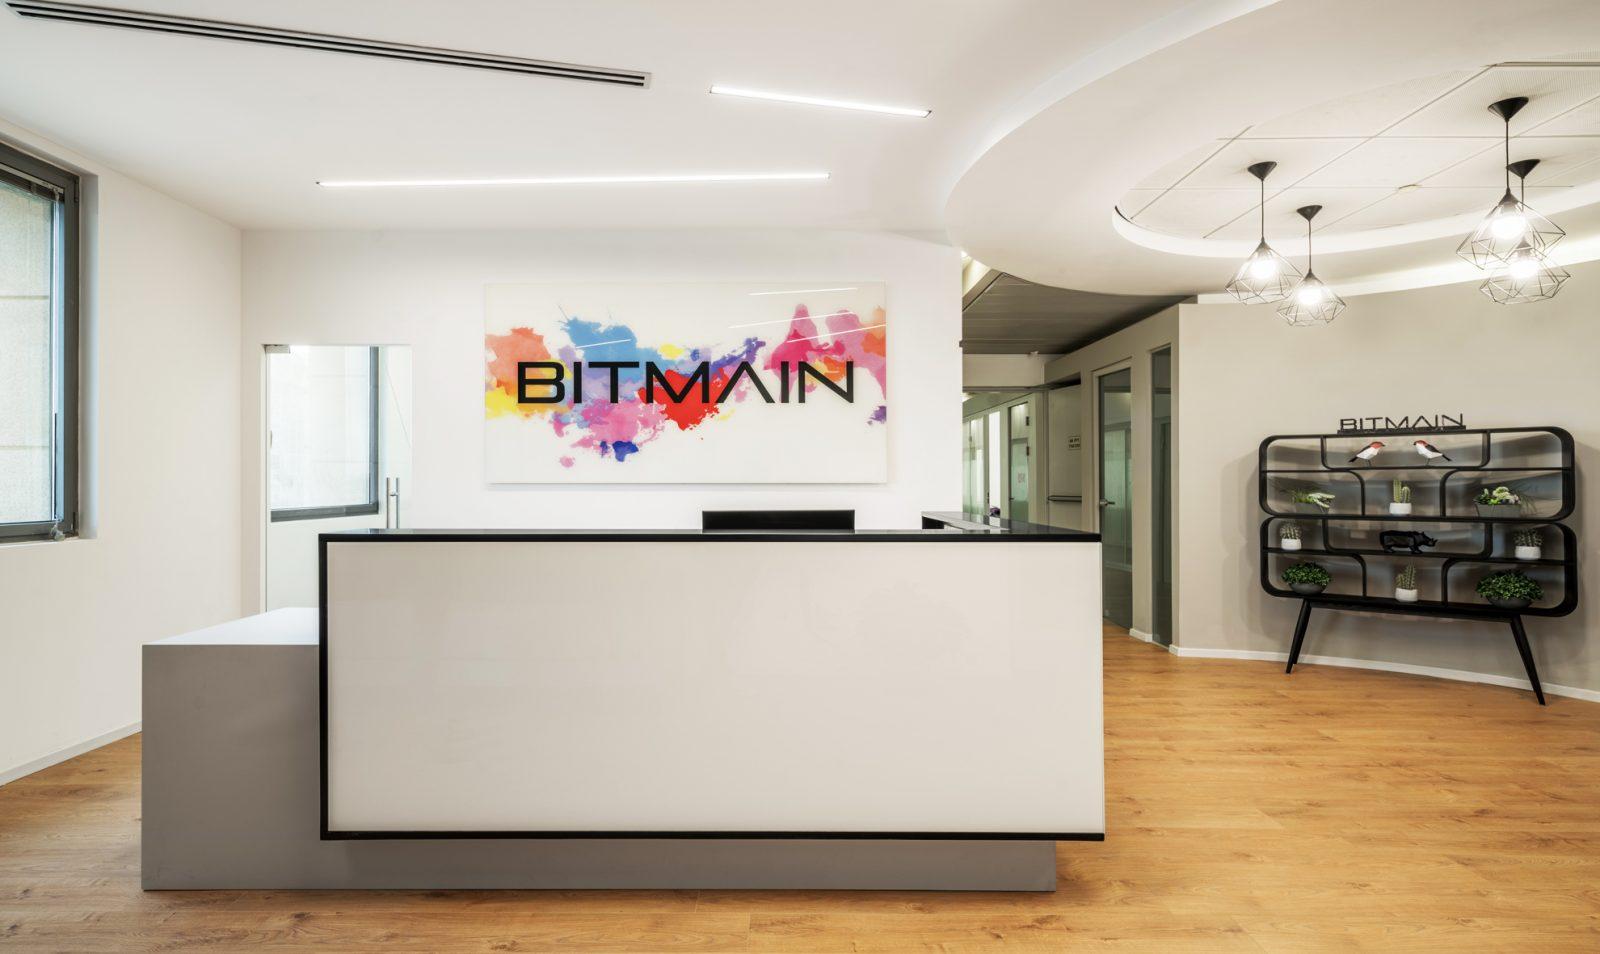 משרדי Bitmain רעננה 2018